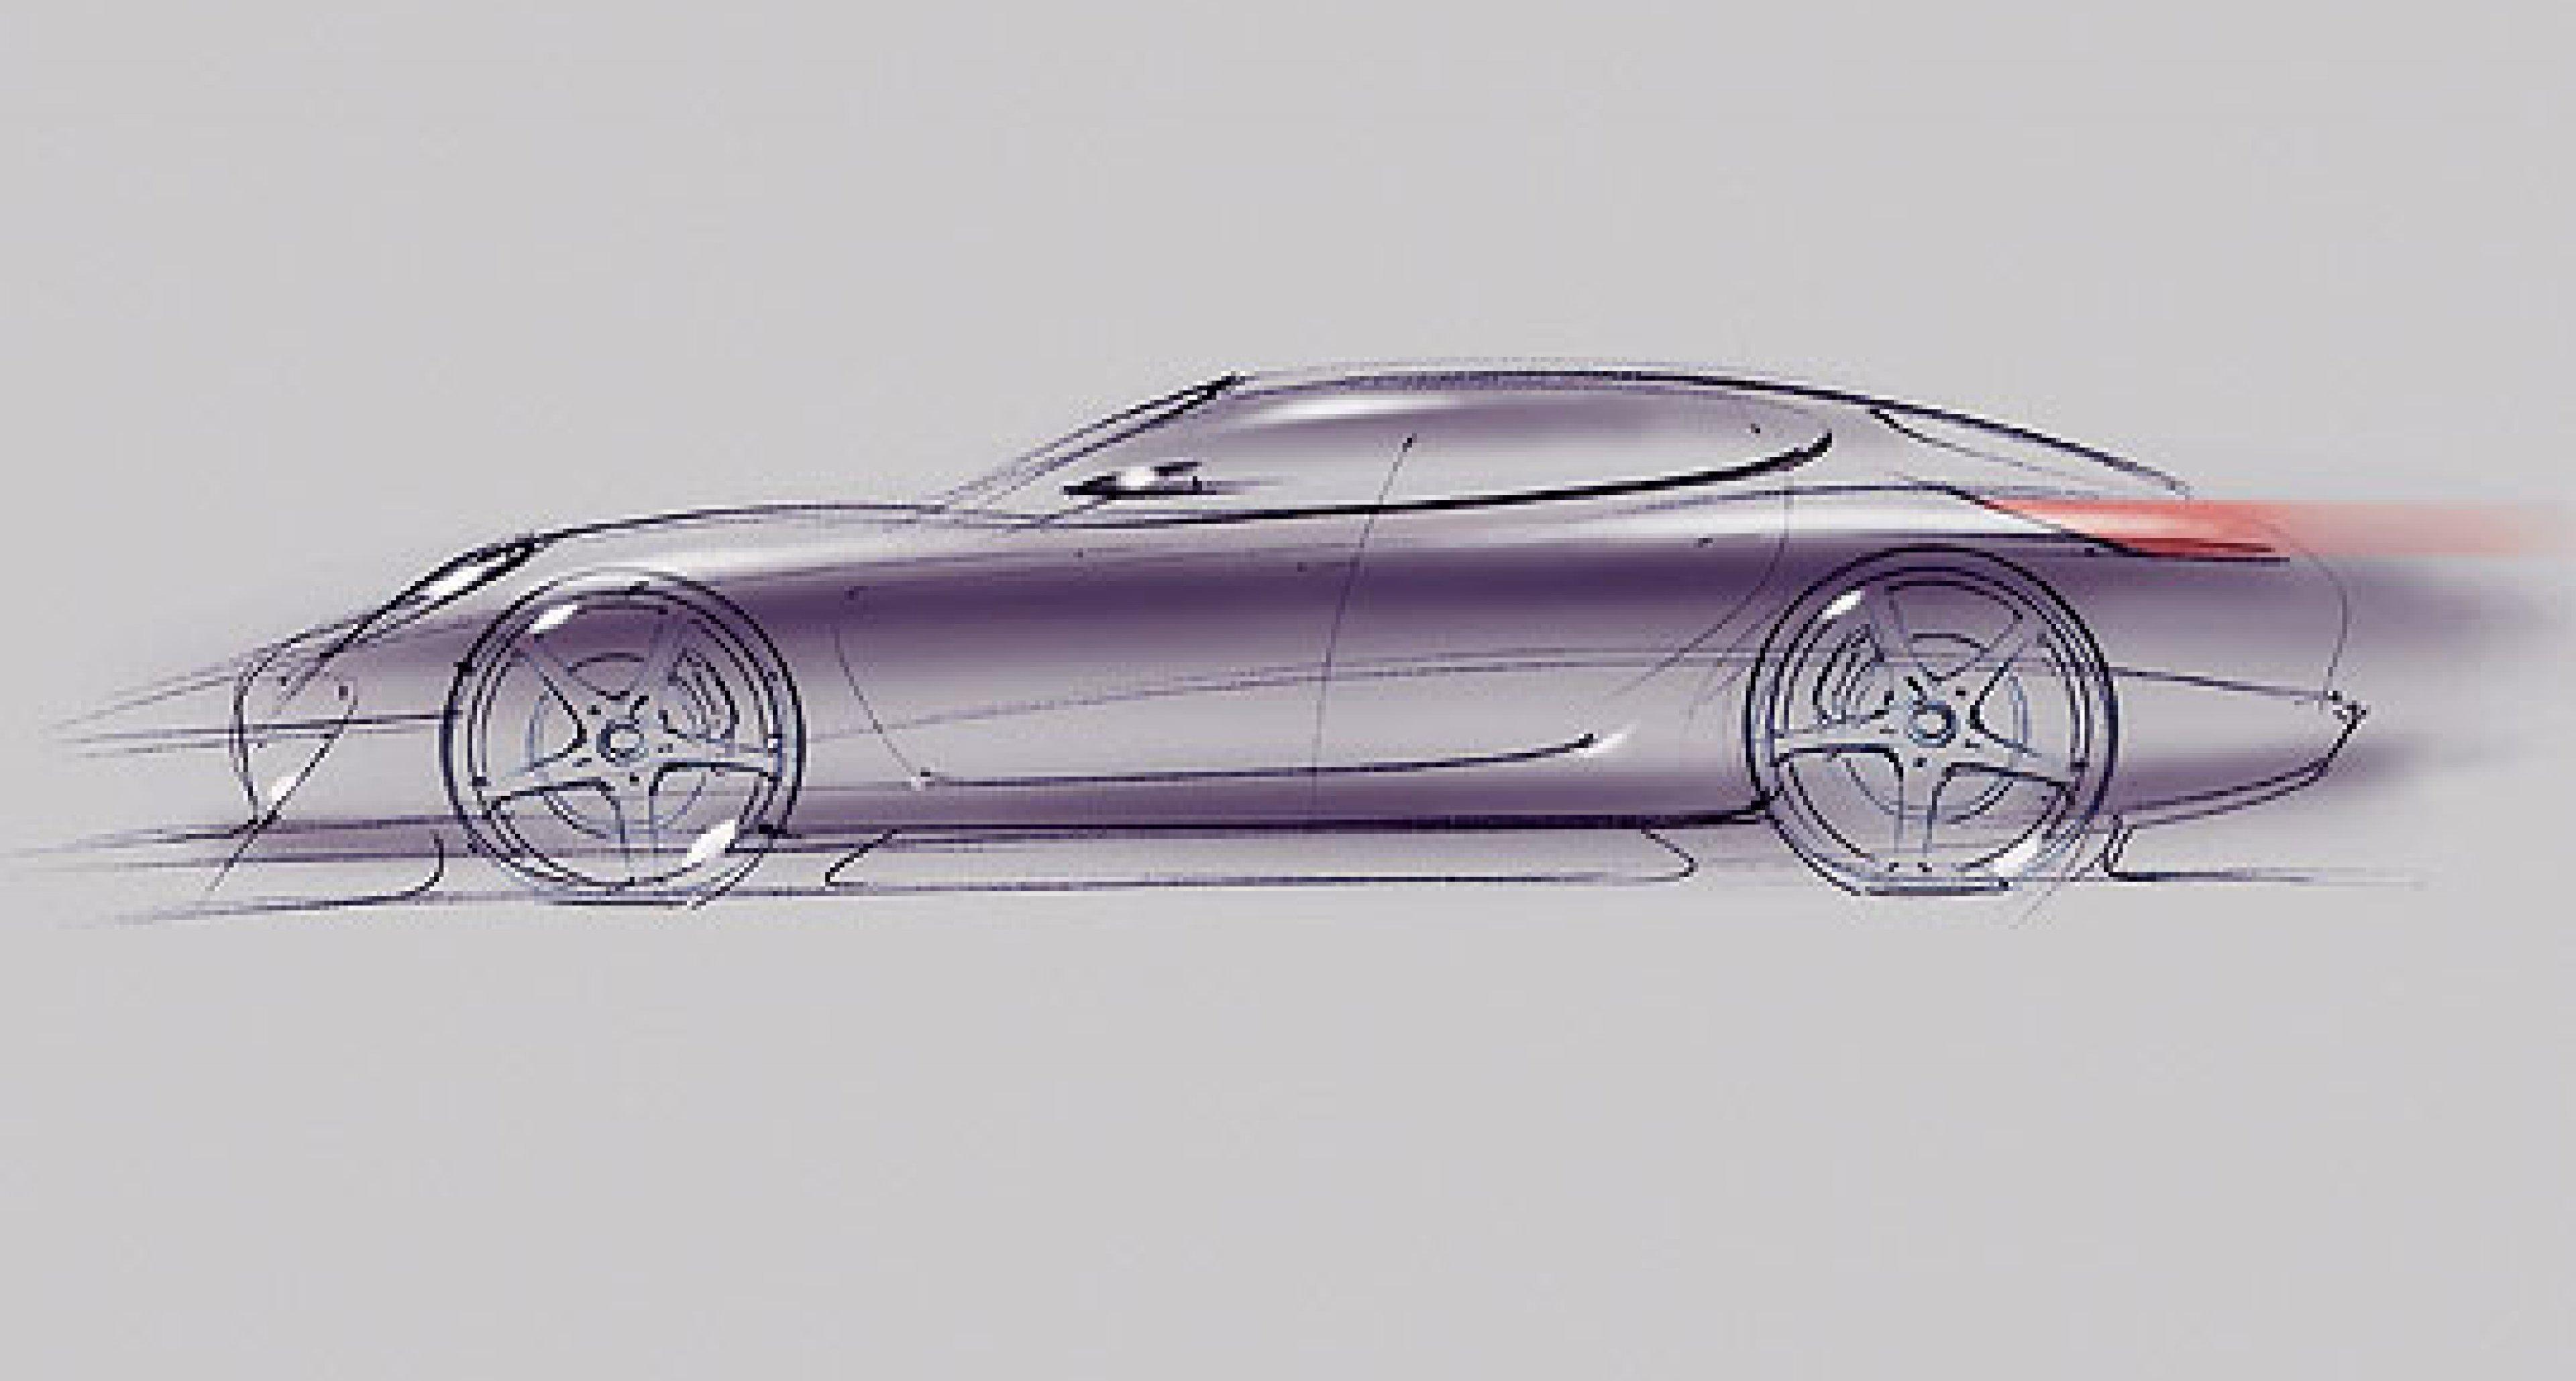 The Porsche Panamera Sports Coupé